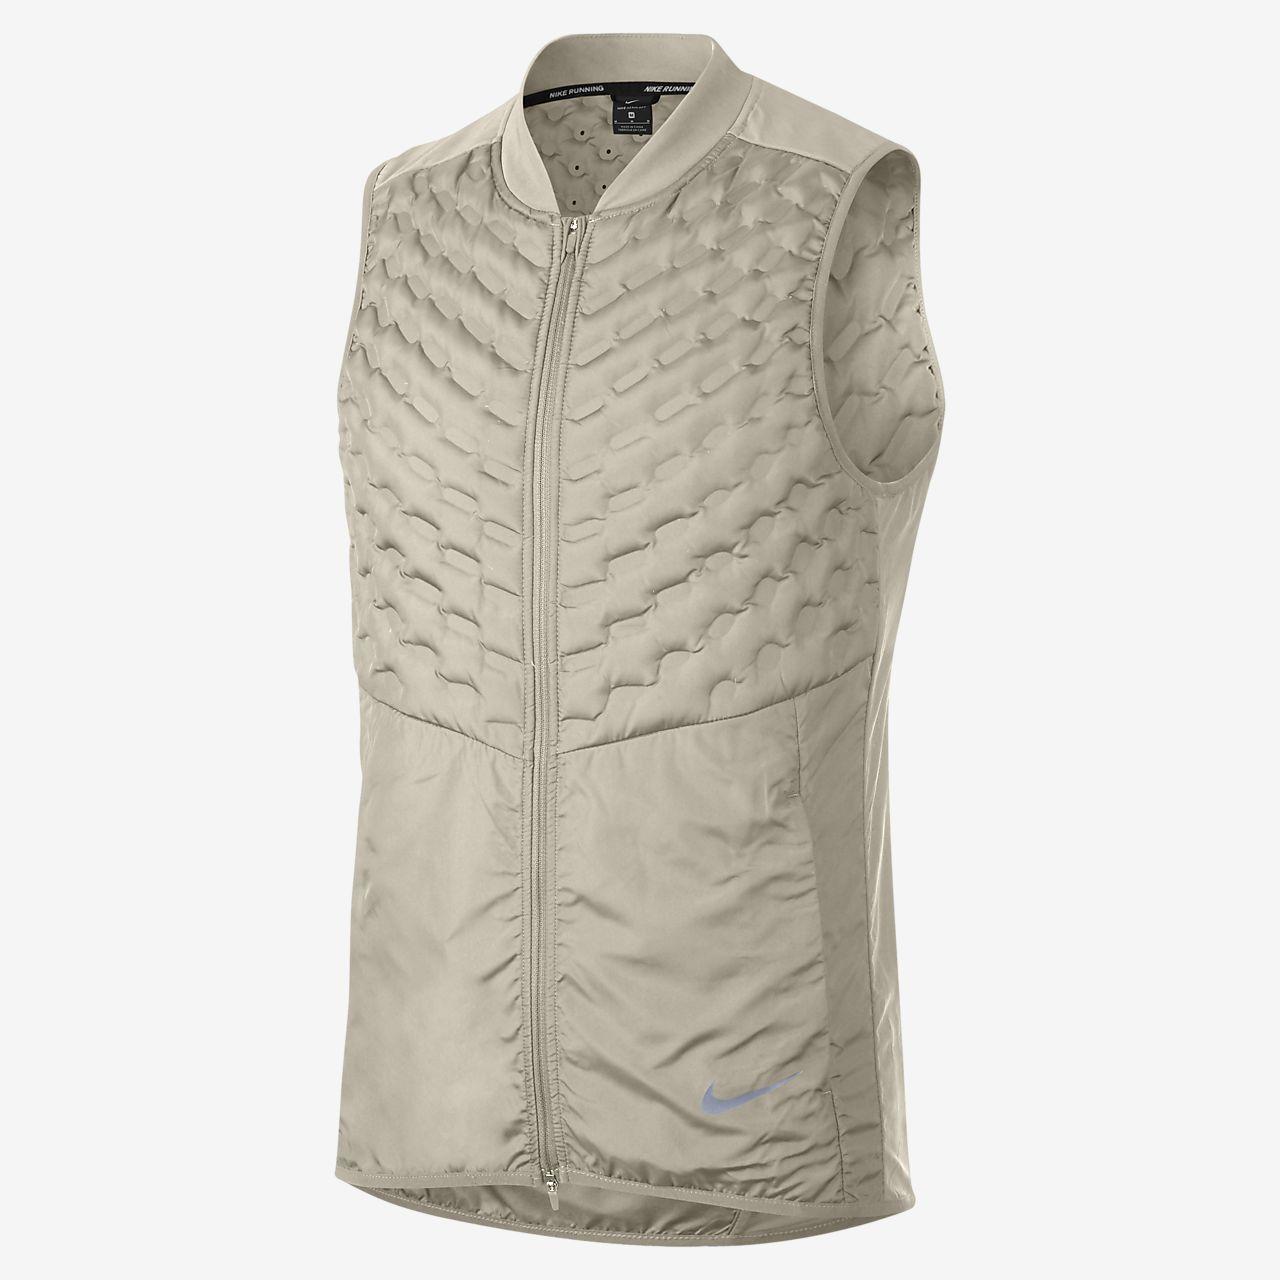 premium selection fashion styles best authentic Veste de running sans manches Nike AeroLoft pour Homme